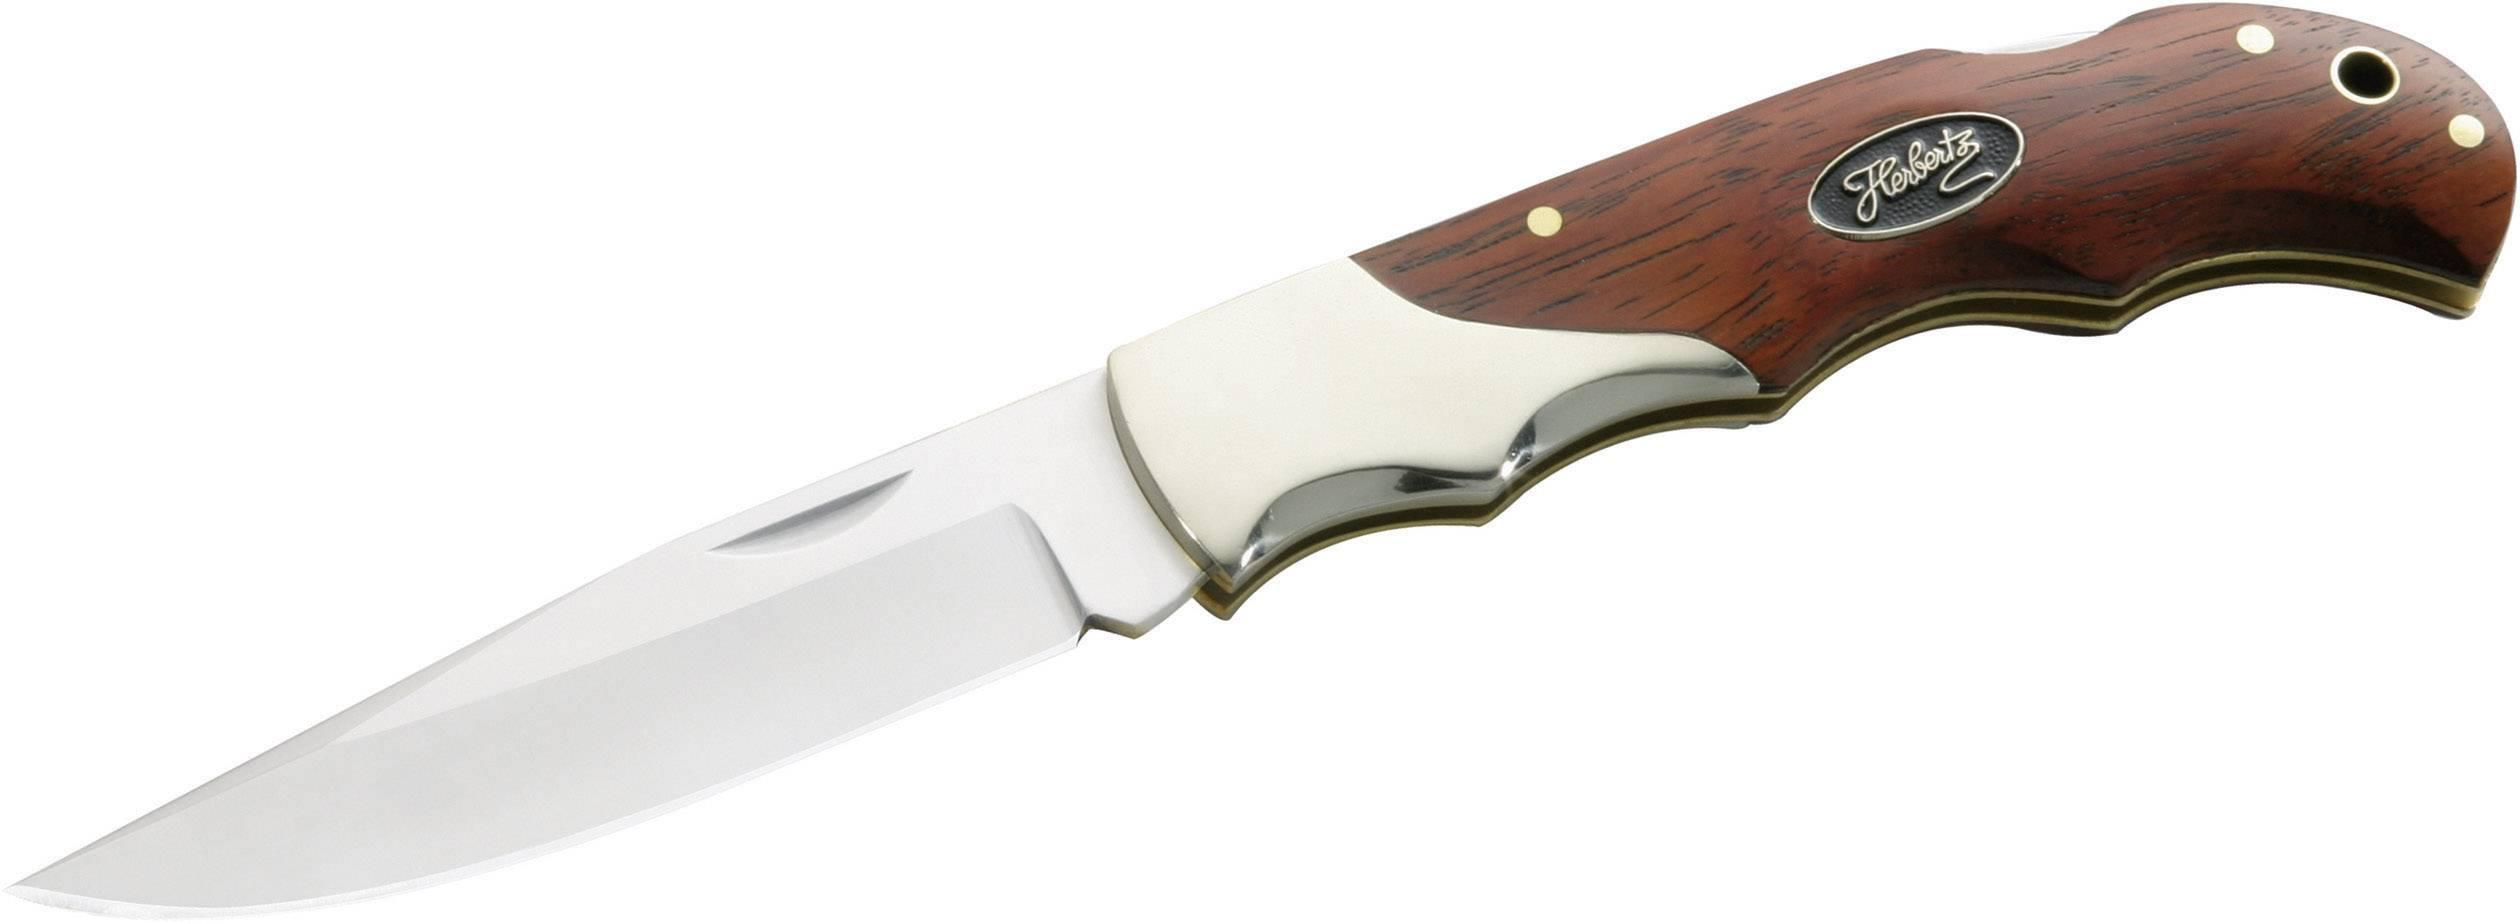 Kapesní nůž Herbertz Cocobolo 259311, stříbrná, dřevo